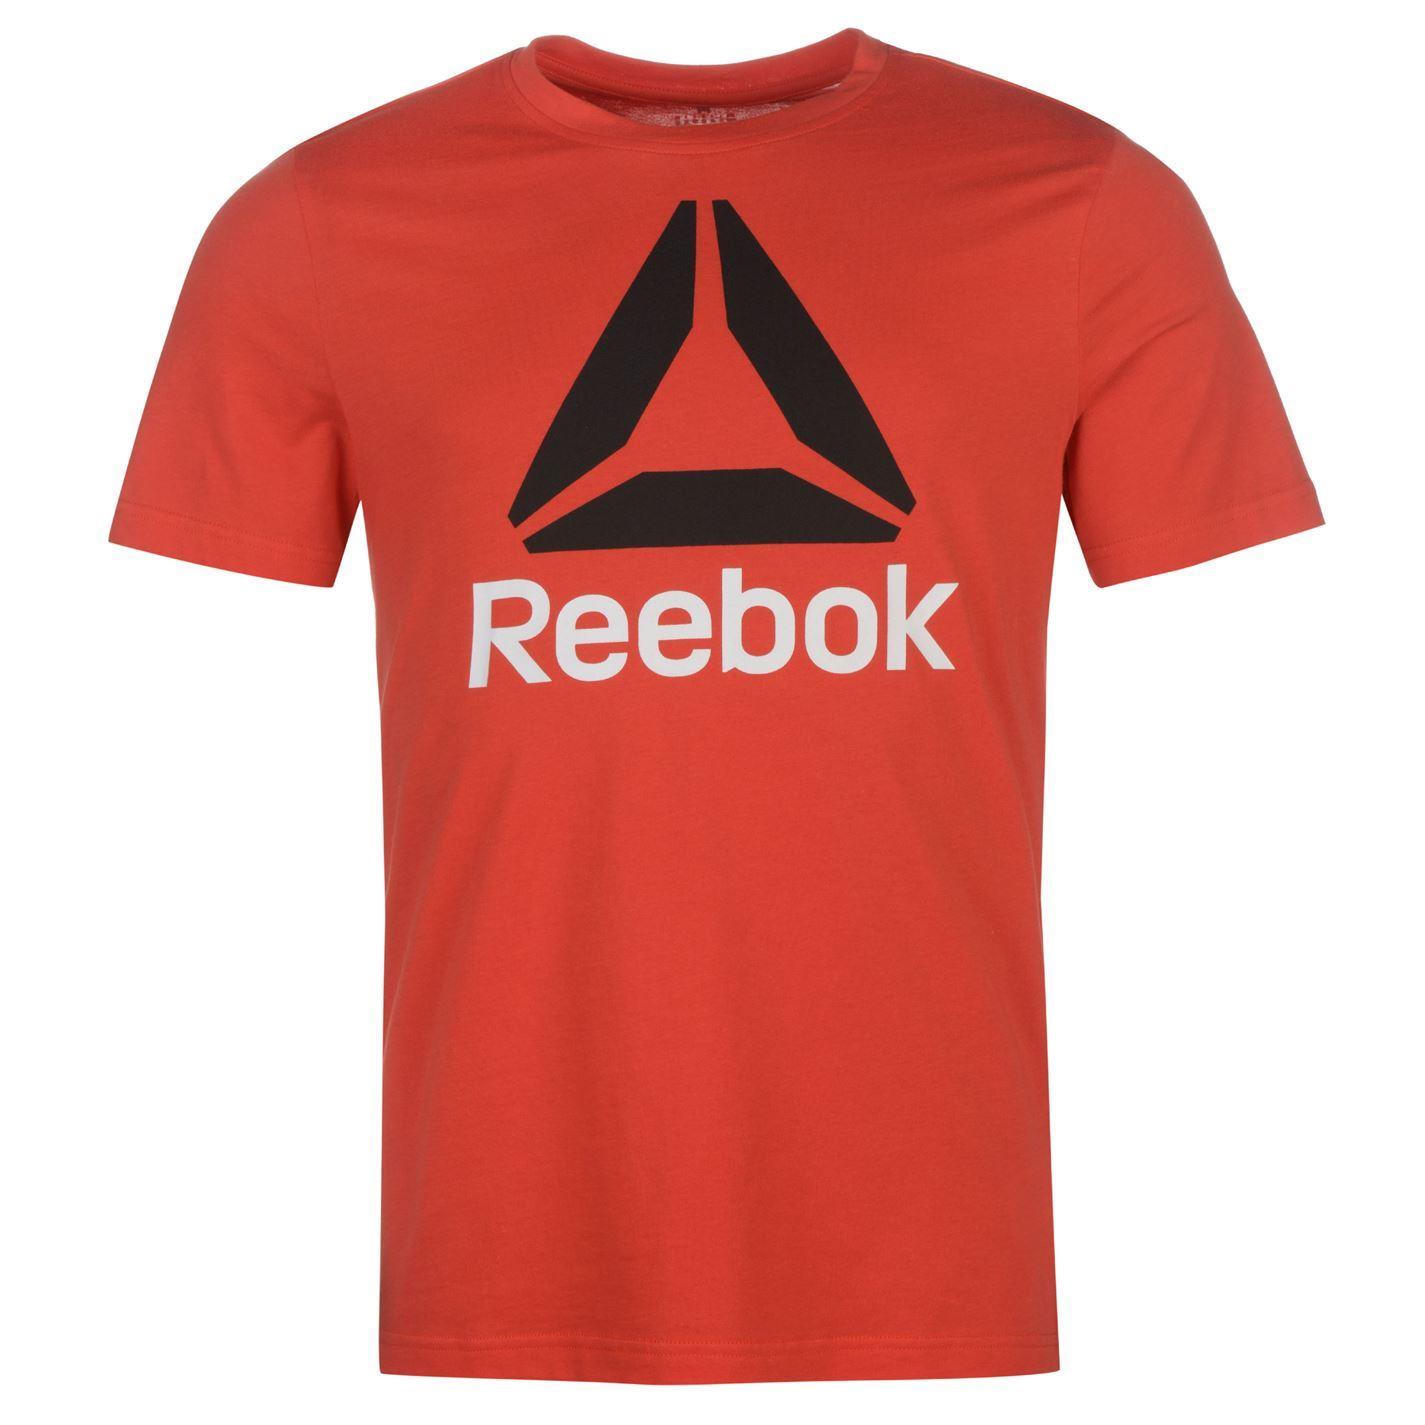 Reebok-Stack-Delta-Logo-T-Shirt-Mens-Tee-Shirt-Top thumbnail 24